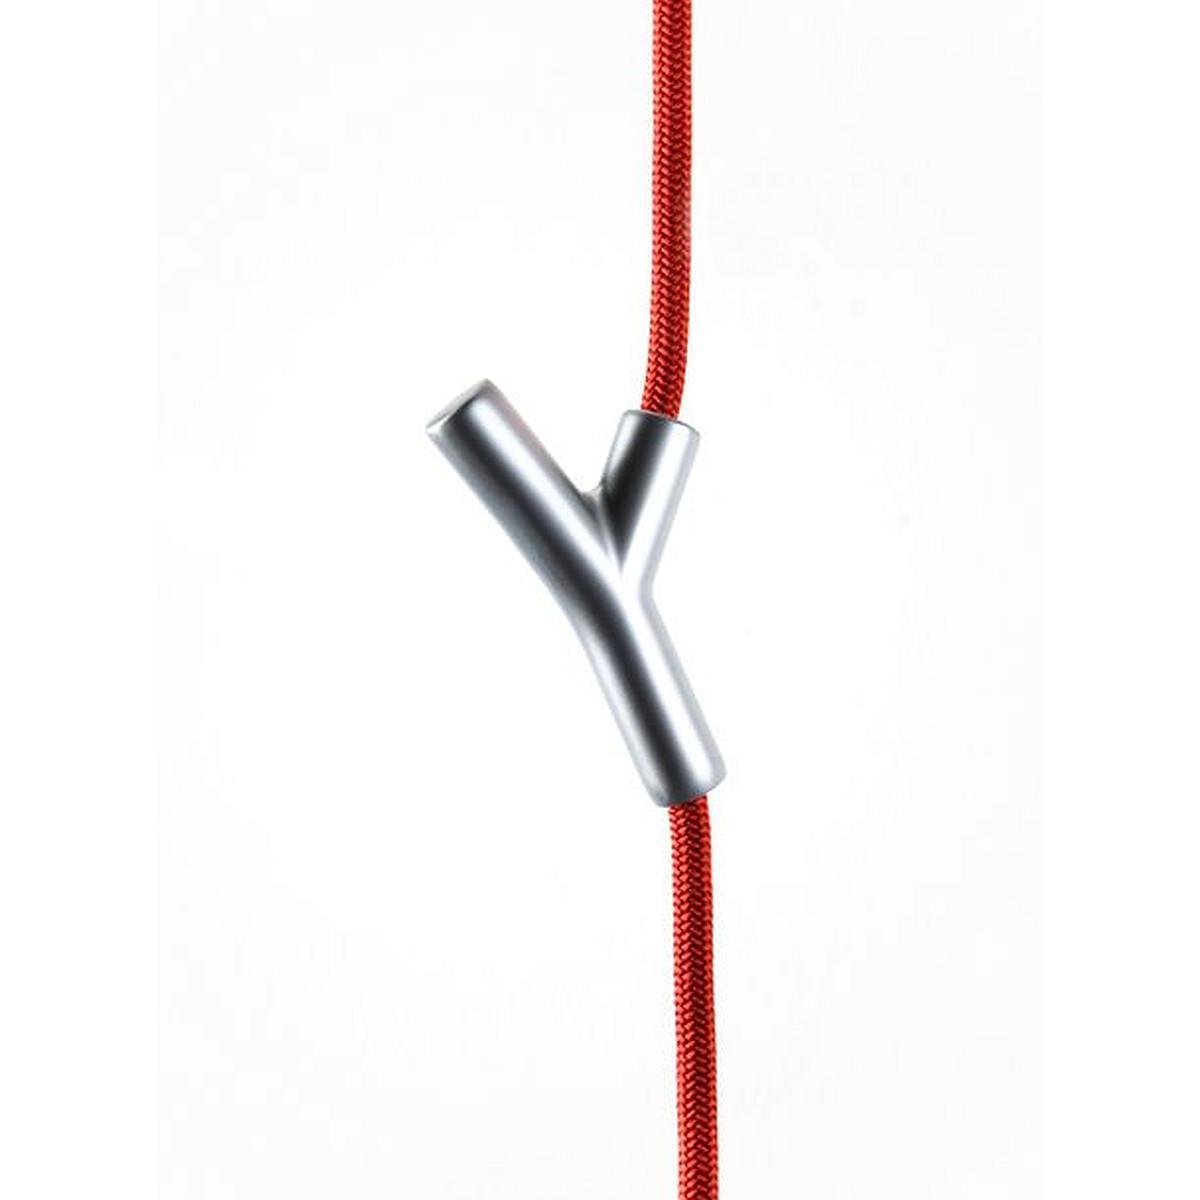 WARDROPE Hängegarderobe Seil rot, 4 Haken chrom matt